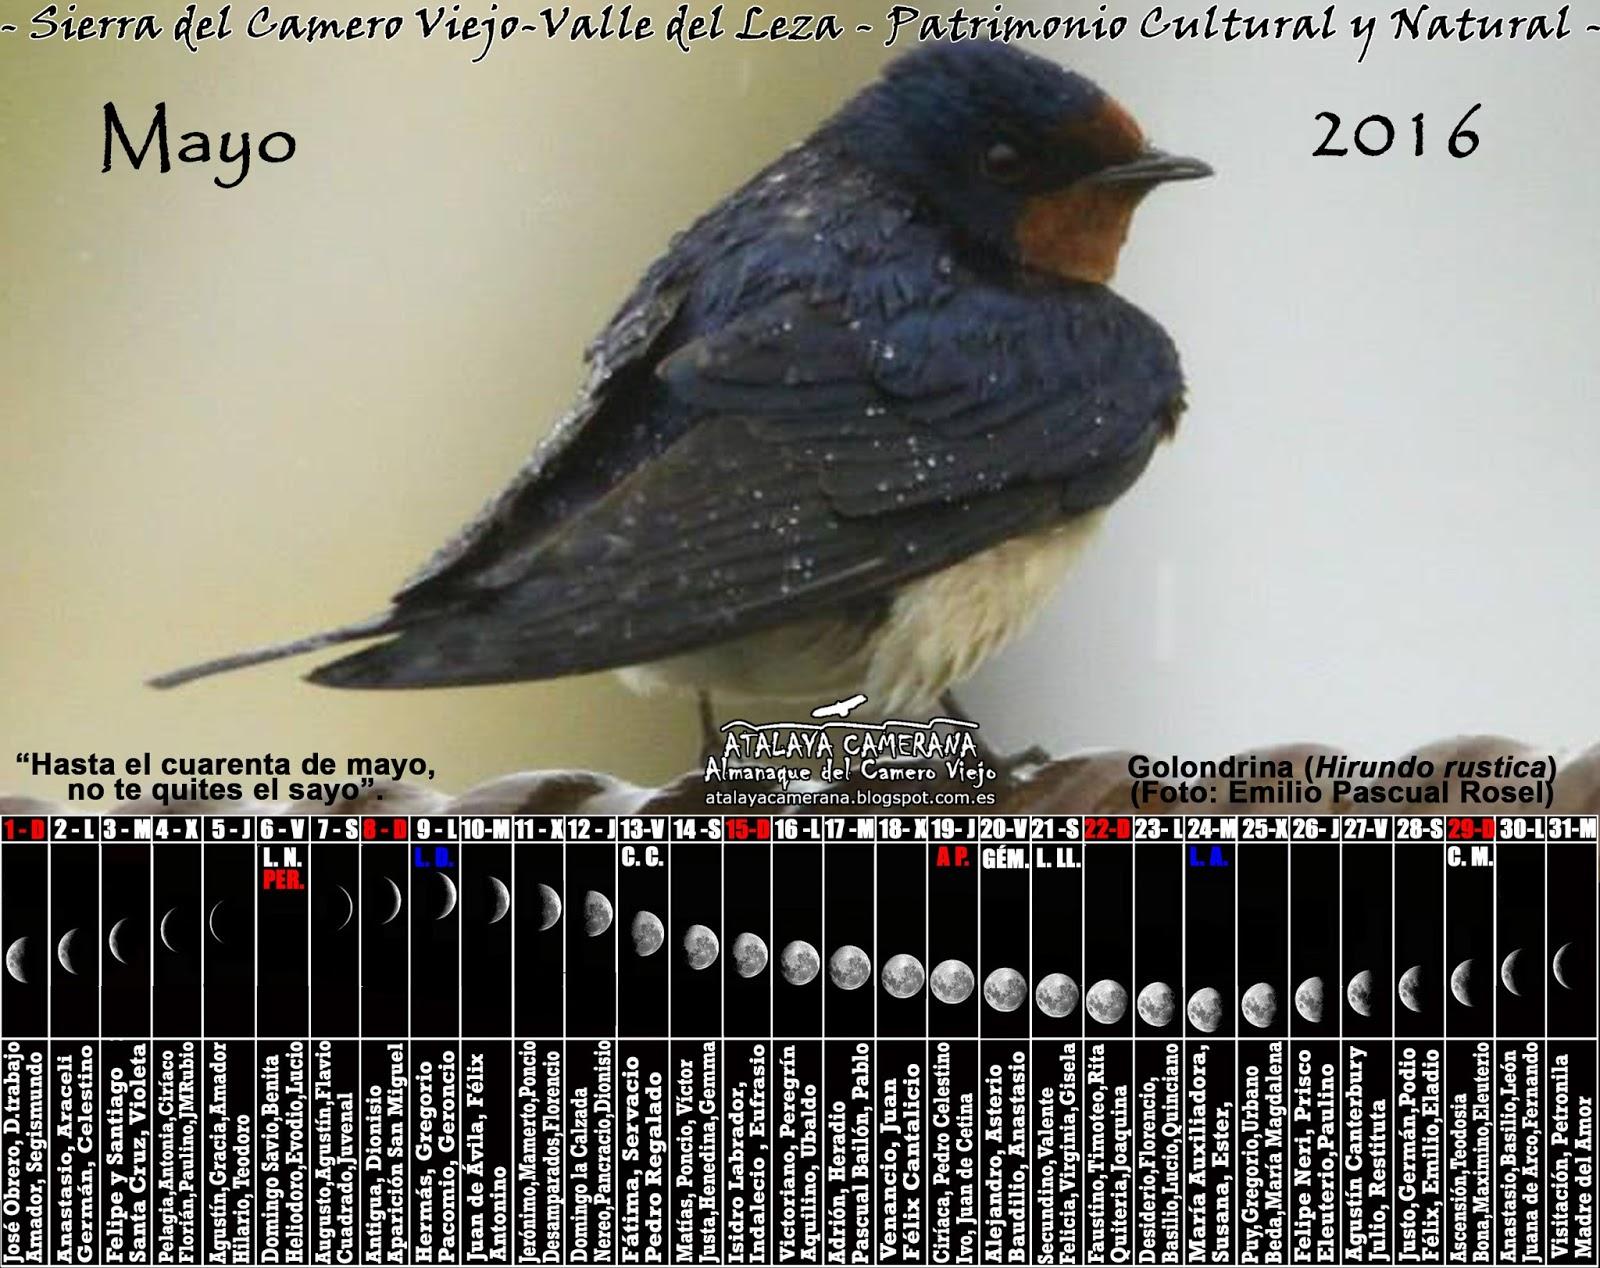 Atalaya camerana almanaque del camero viejo calendario 2016 for Fase lunar mayo 2016